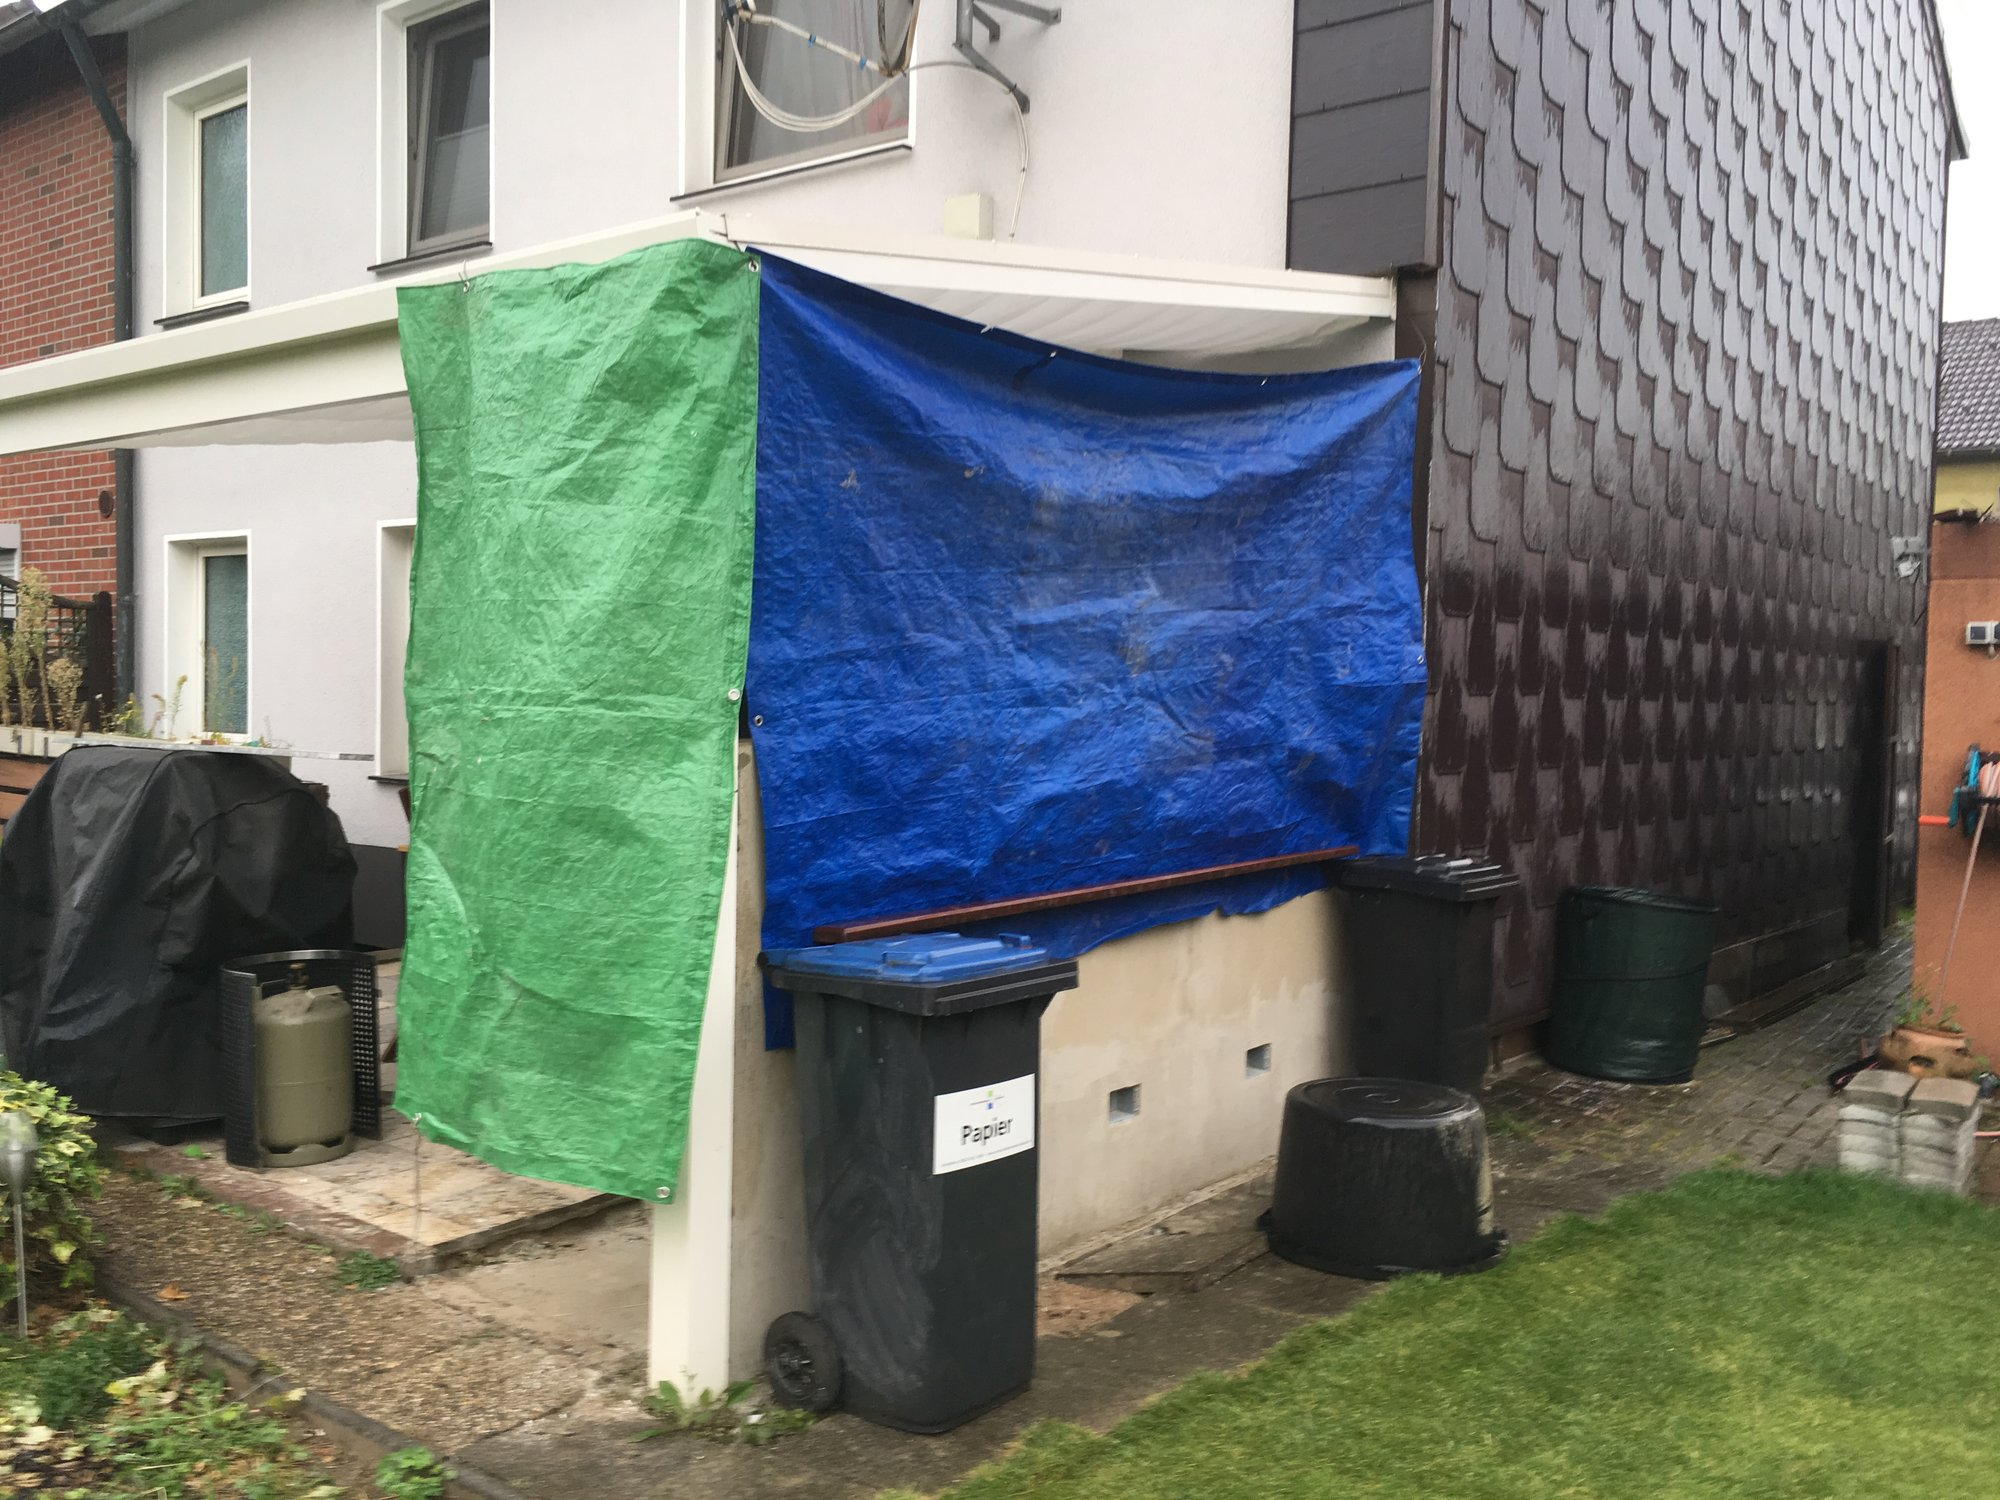 Weber Outdoor Küche Bauen : Sizzle zone outdoor küche edelstahlrost für externe sizzle zone